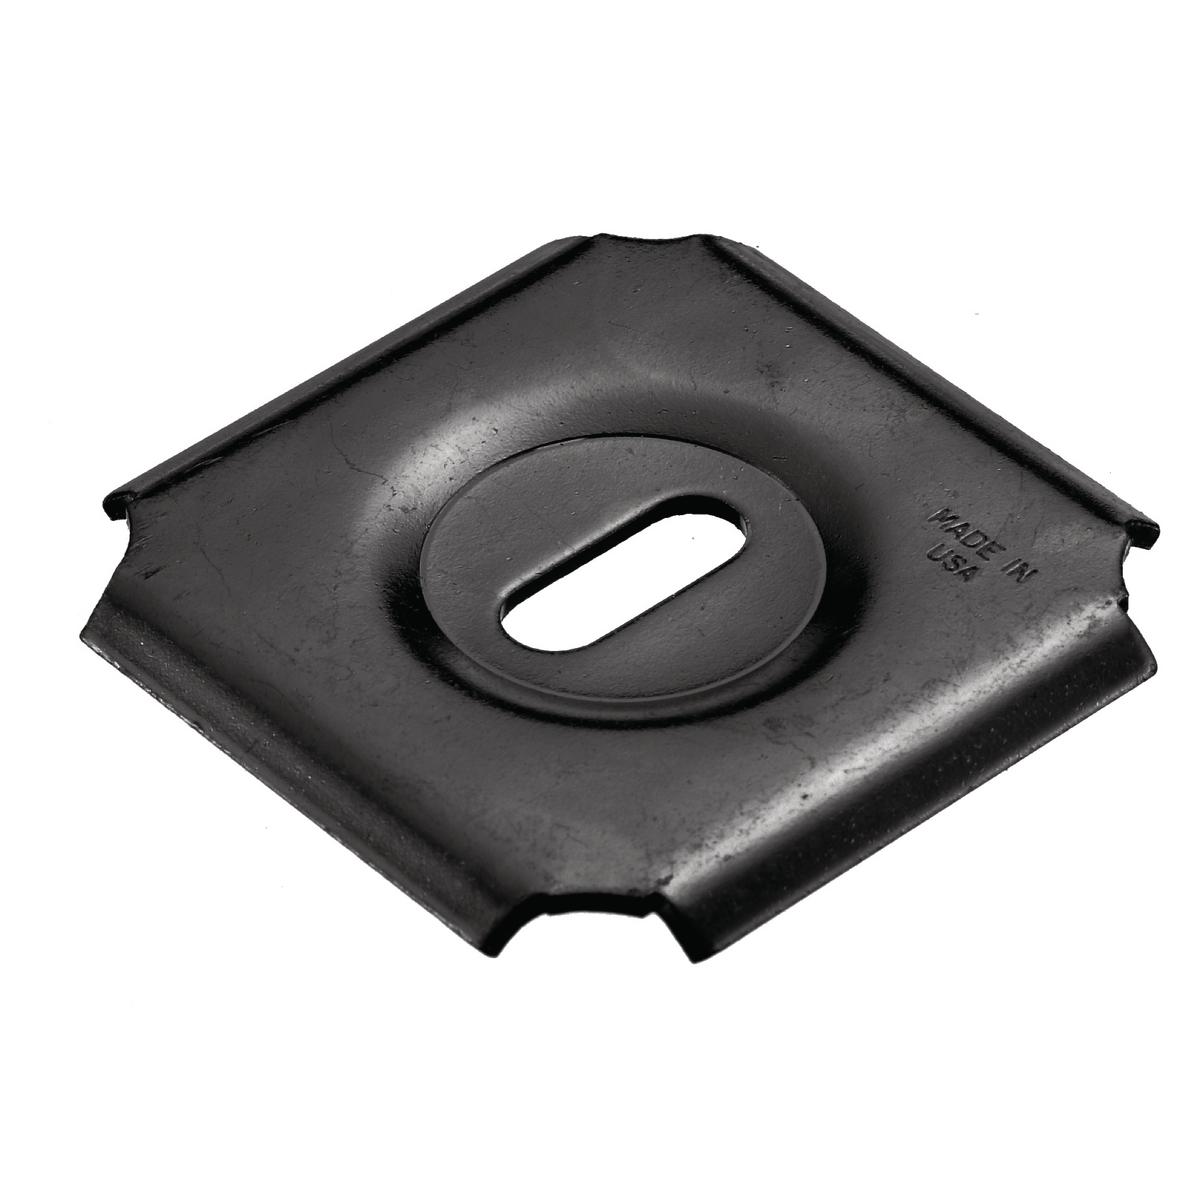 HBTWSBK | Wire Basket Tray Accessories | Wire Basket Tray | Wire ...